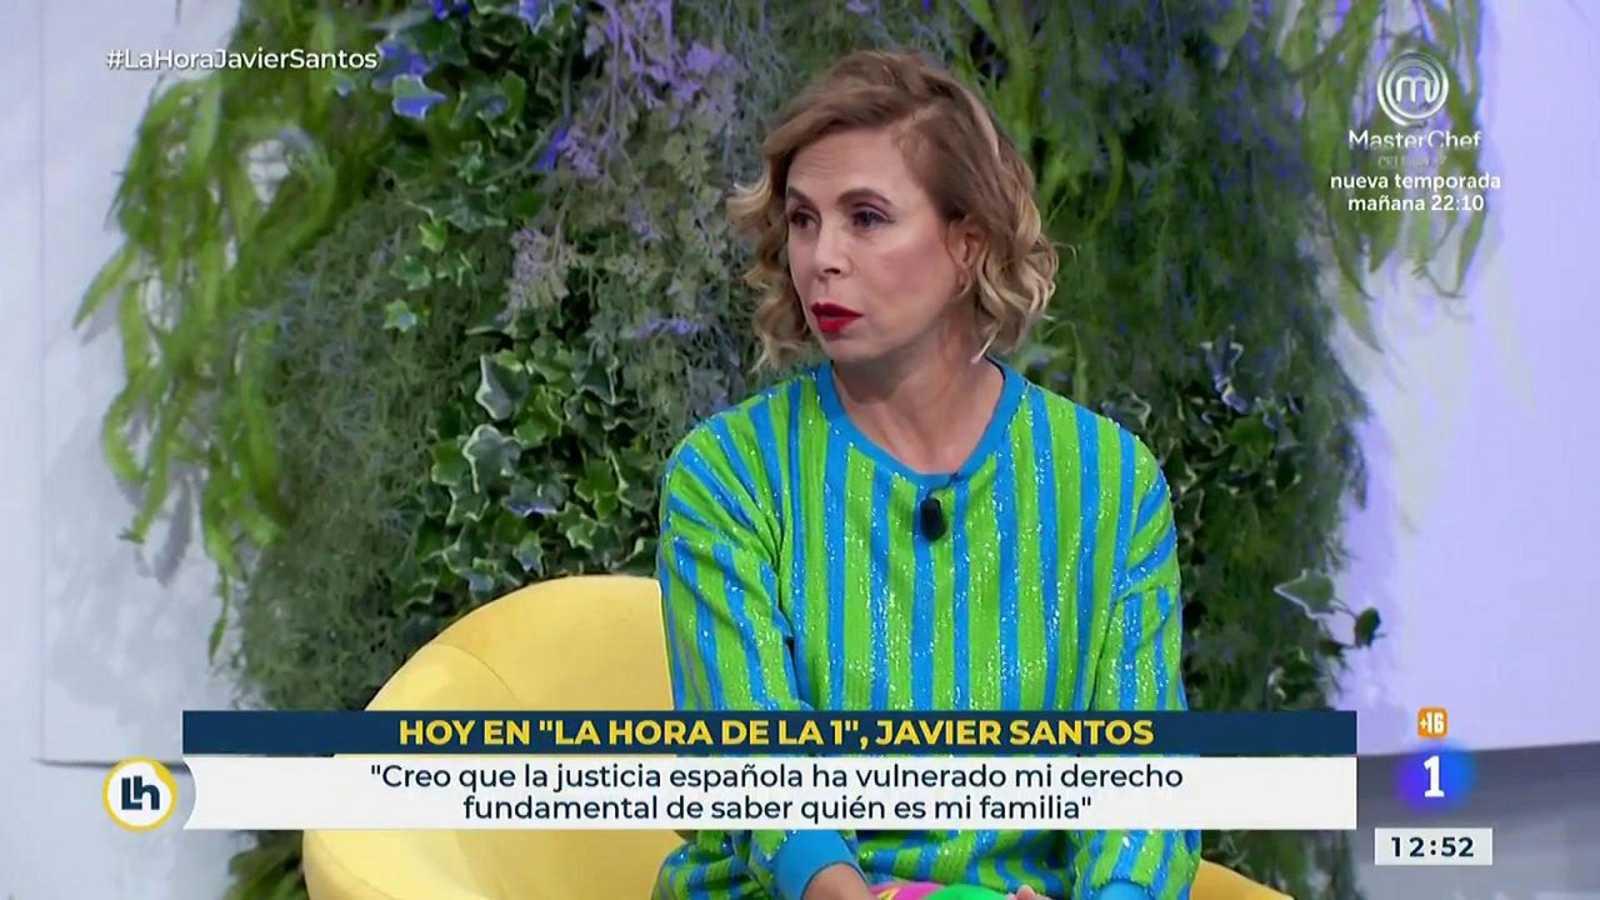 La confesión de Ágatha Ruiz de la Prada en La hora de La 1